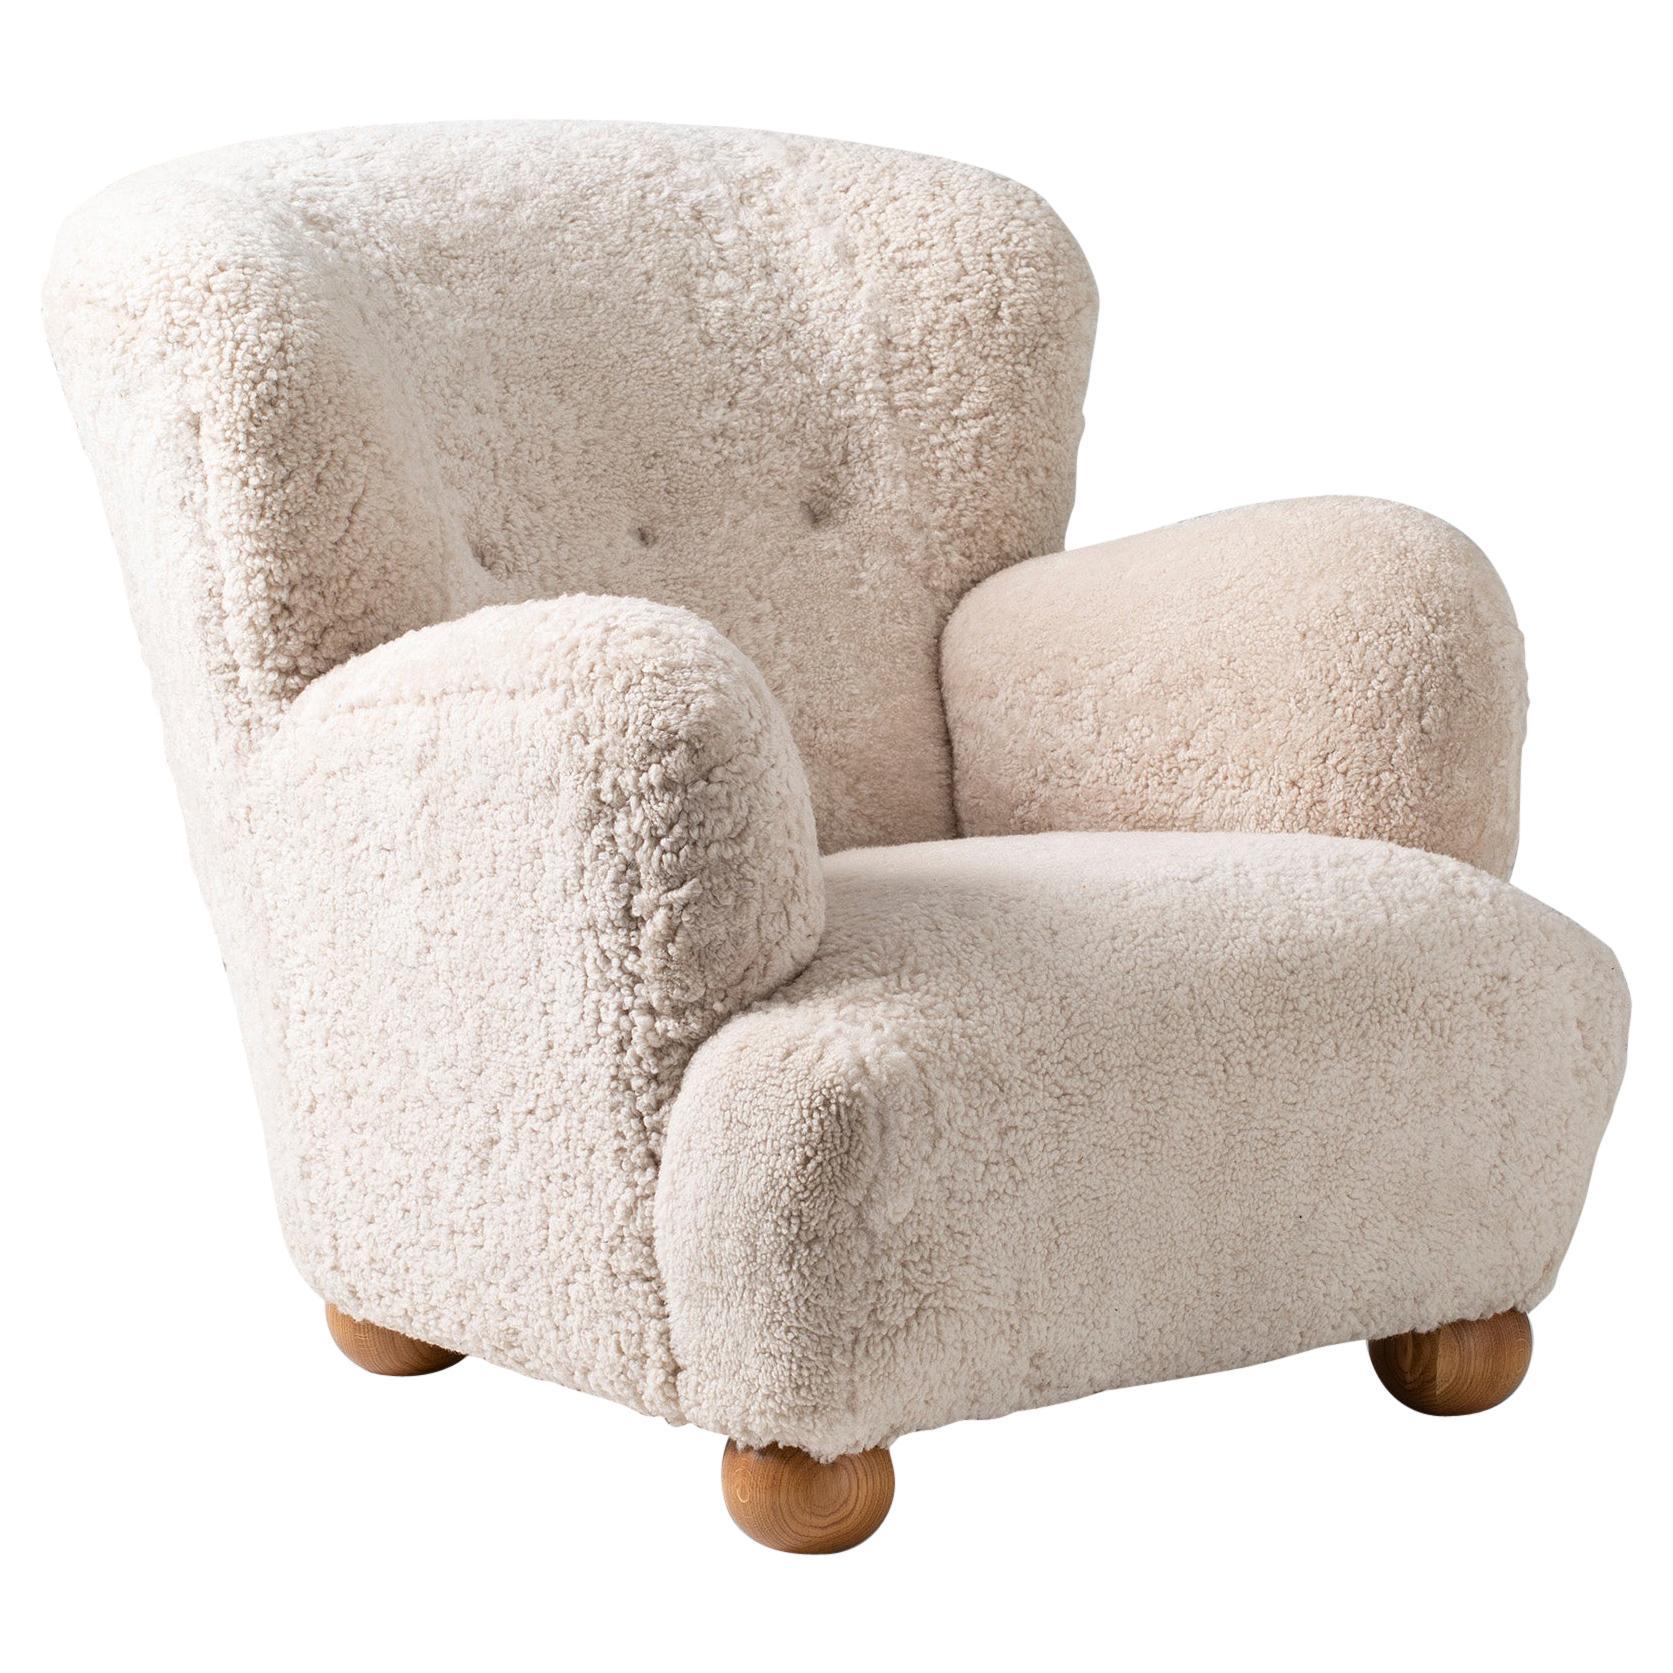 Danish Cabinetmaker 1950s Sheepskin Lounge Chair